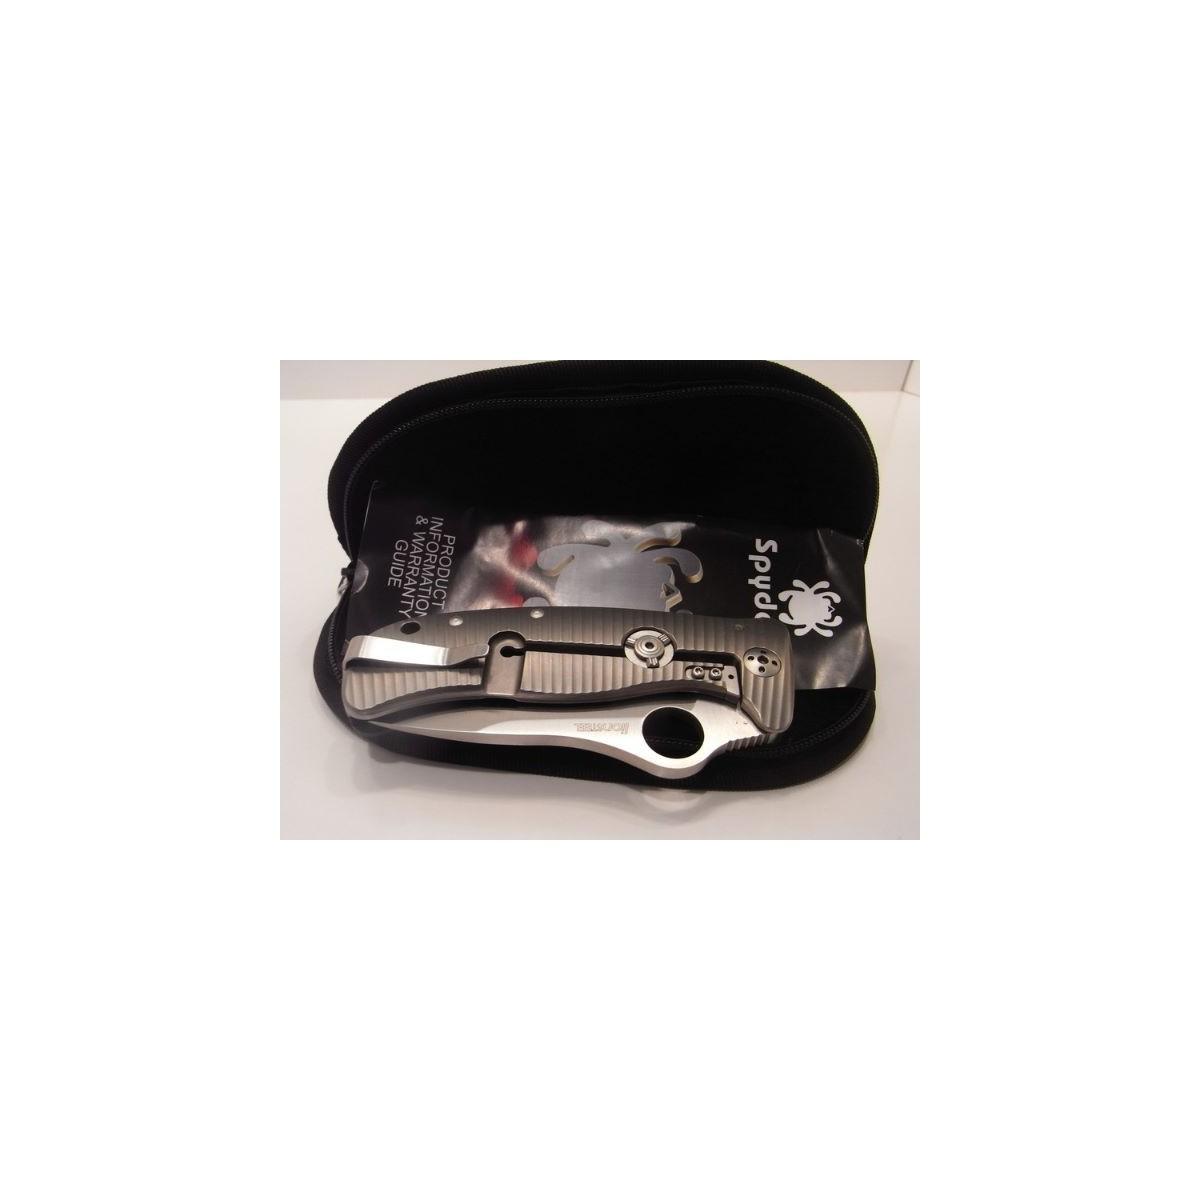 มีดพับ Spyderco Lionspy C157GTIP Gianni Pauletta, Elmax Steel, G-10&Titanium Handle, PlainEdge